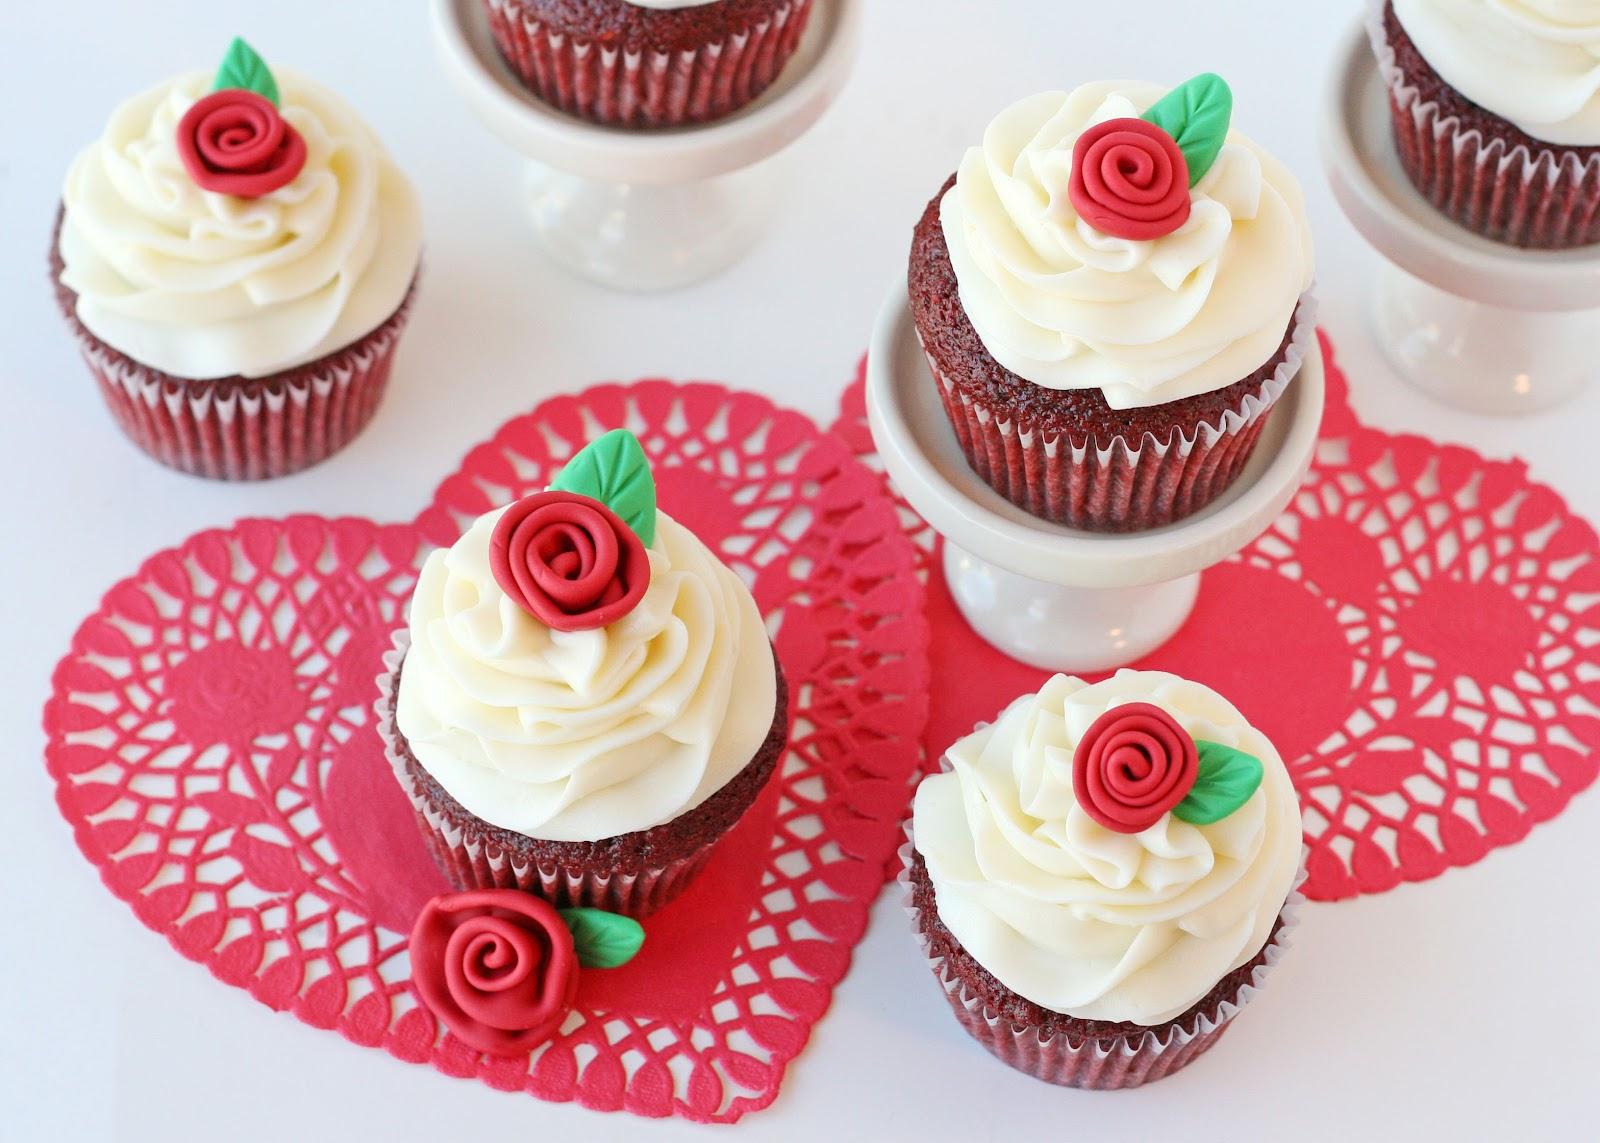 valentines-day-cakes-cupcakes-mumbai-5